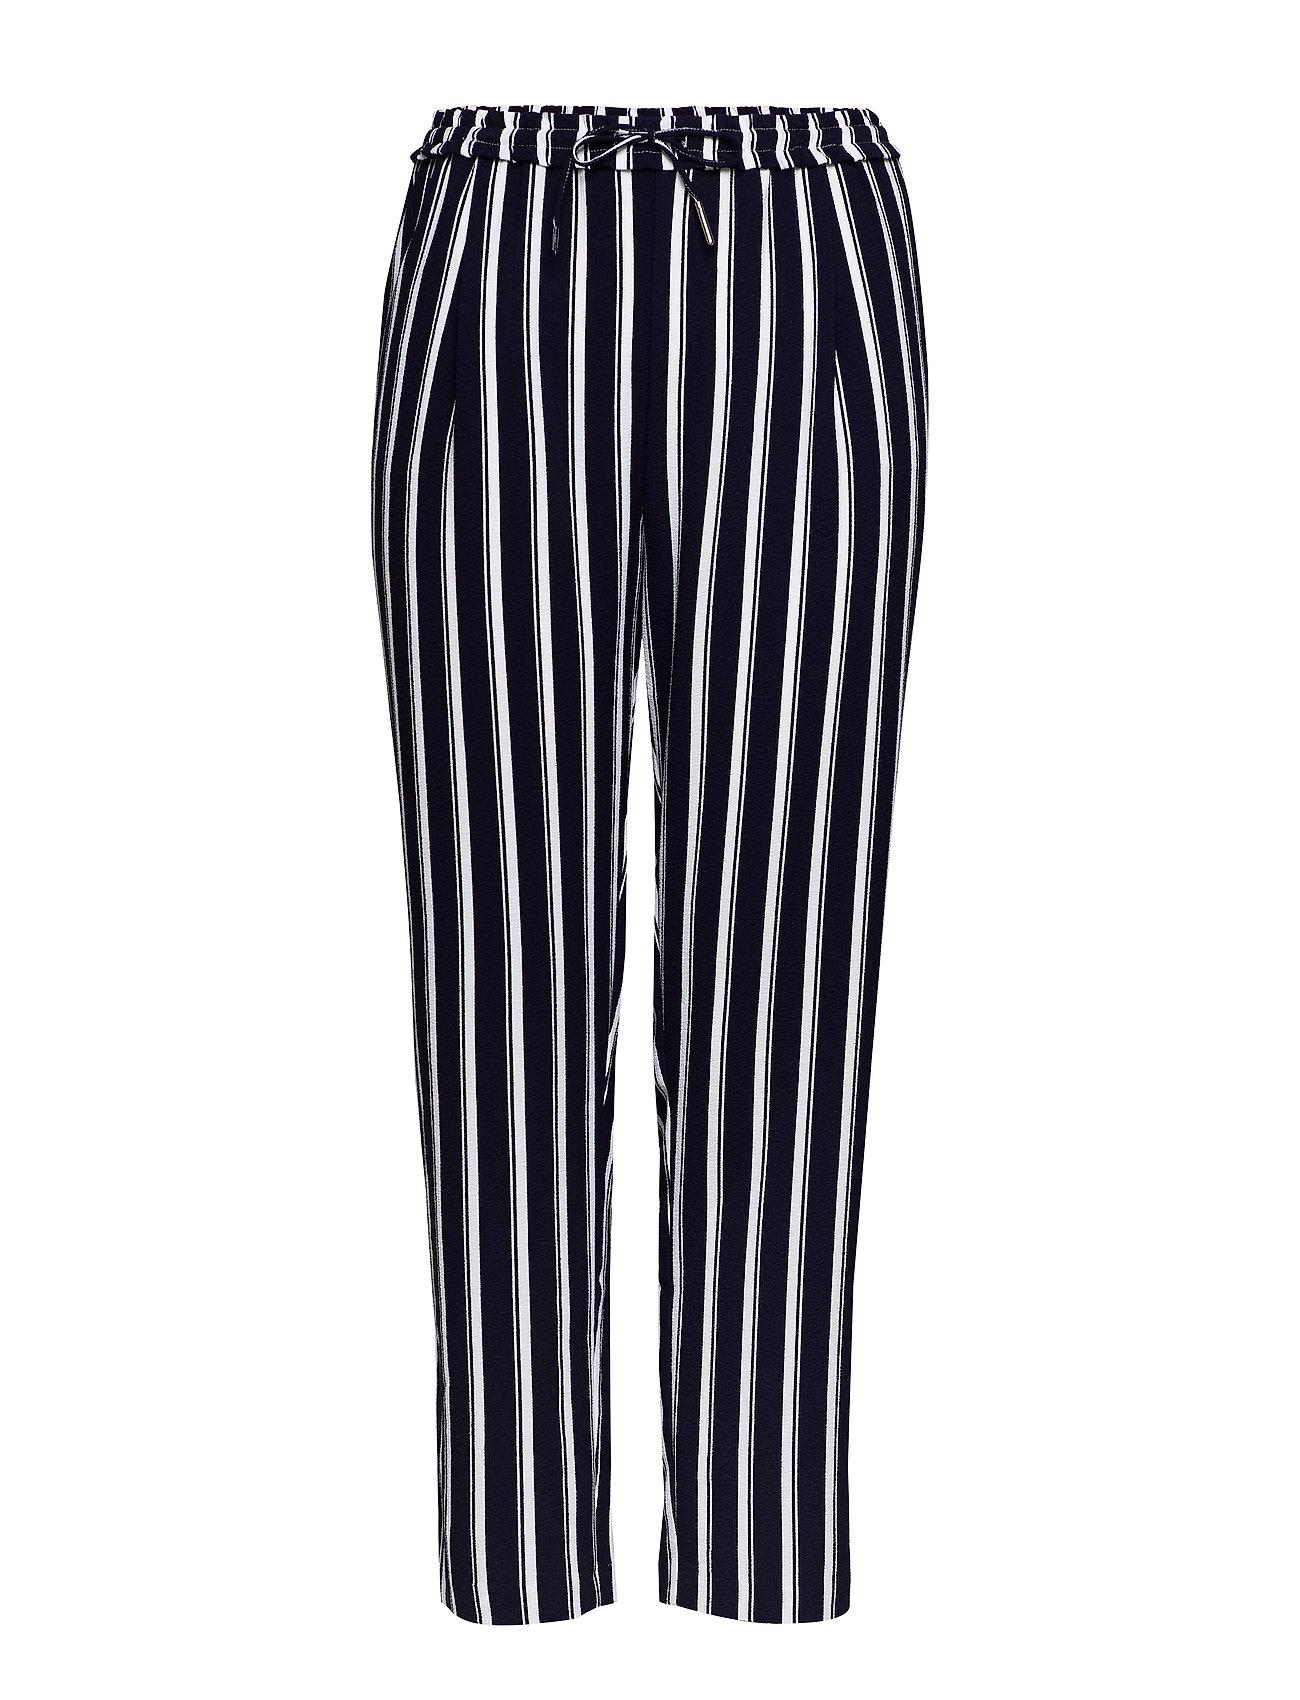 Image of Carcasia Long Pants Bukser Med Lige Ben Blå ONLY Carmakoma (3297444305)